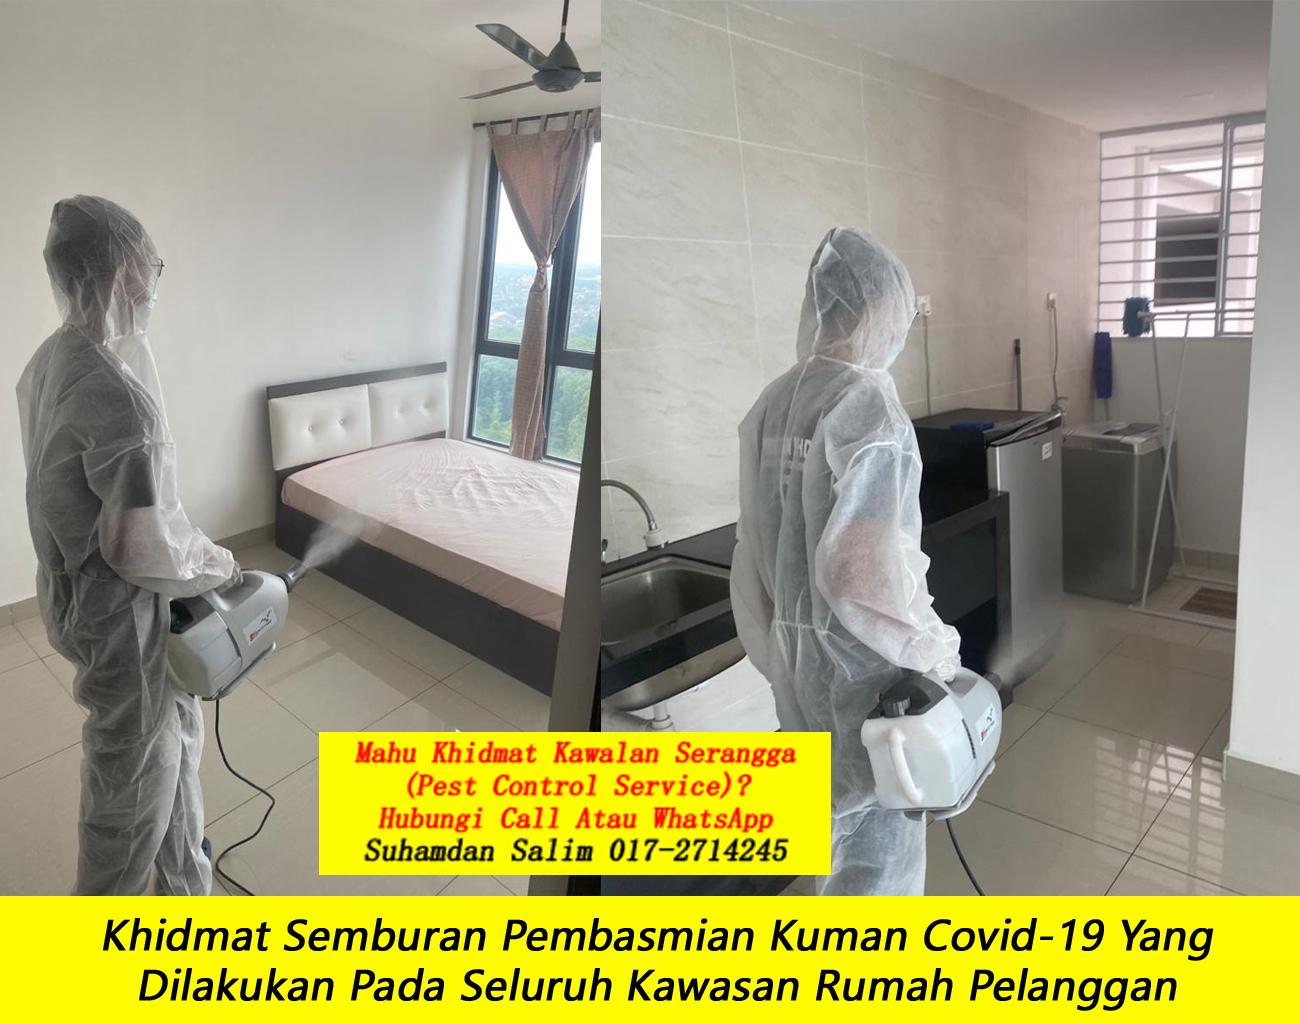 khidmat sanitizing membasmi kuman Covid-19 Disinfection Service semburan sanitize covid 19 paling berkesan dengan harga berpatutan the best service covid-19 lenggeng negeri sembilan felda